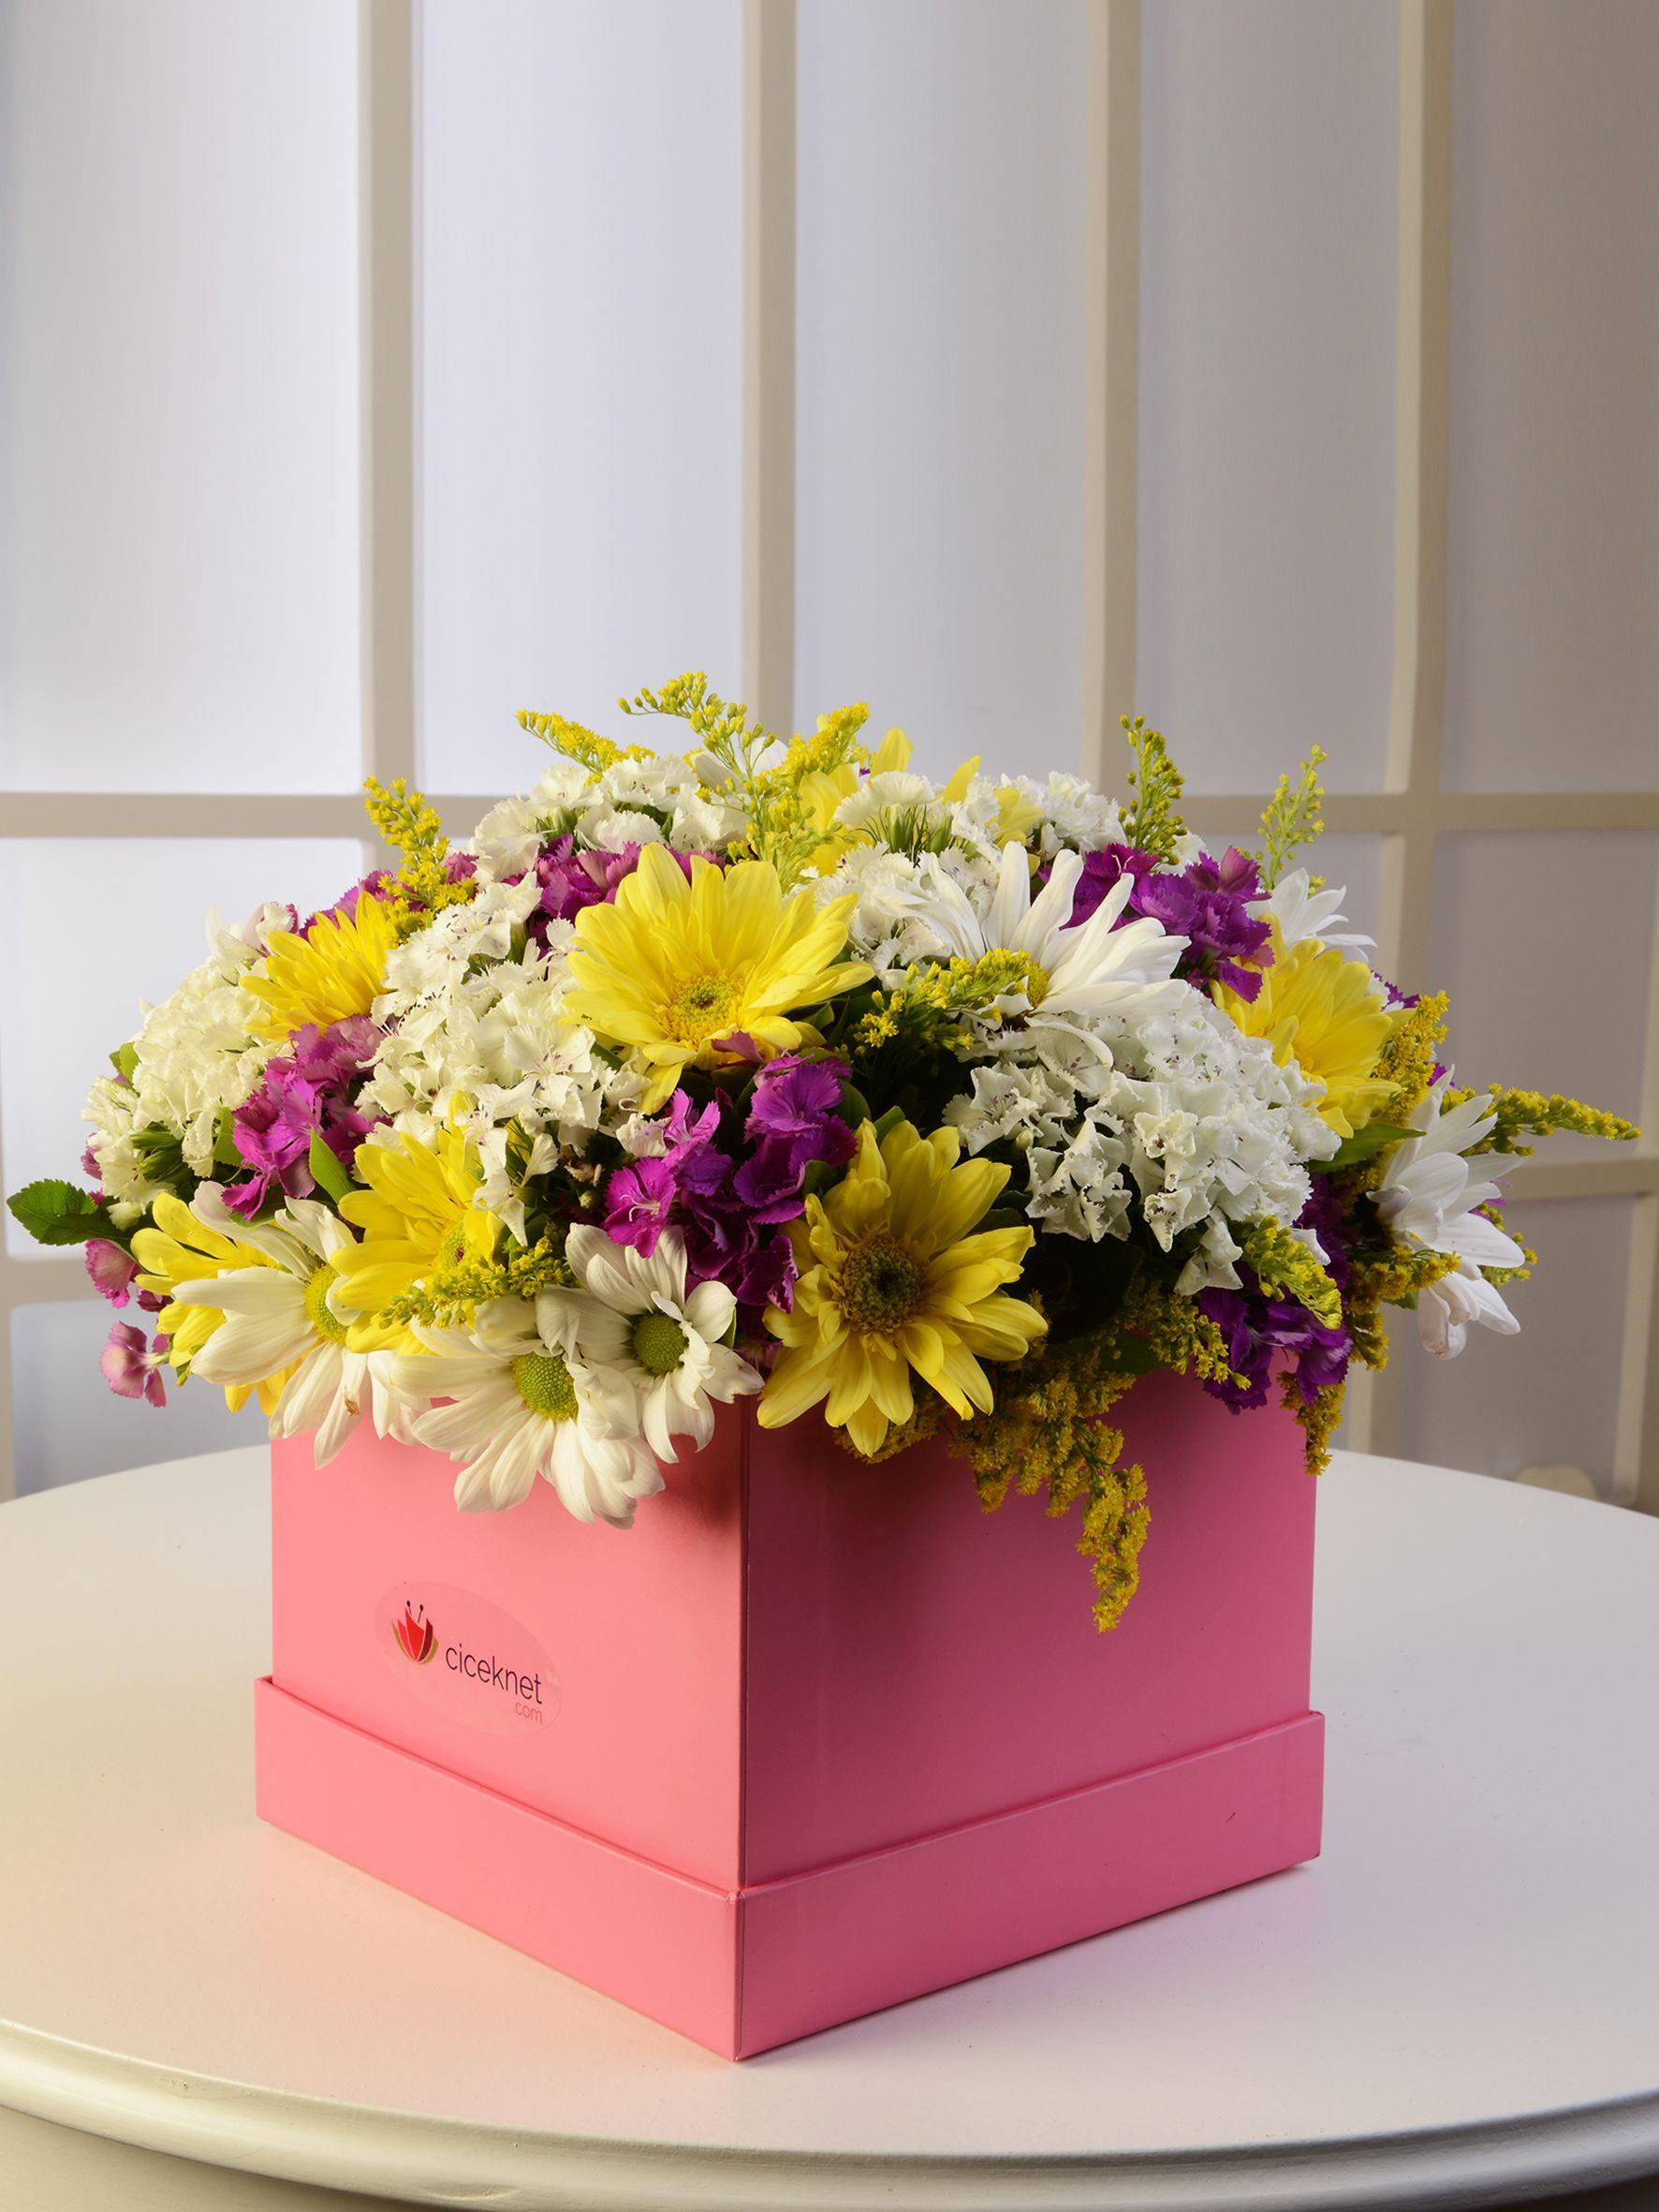 Pembe Kare Kutuda Kır Çiçekleri Kutuda Çiçek çiçek gönder